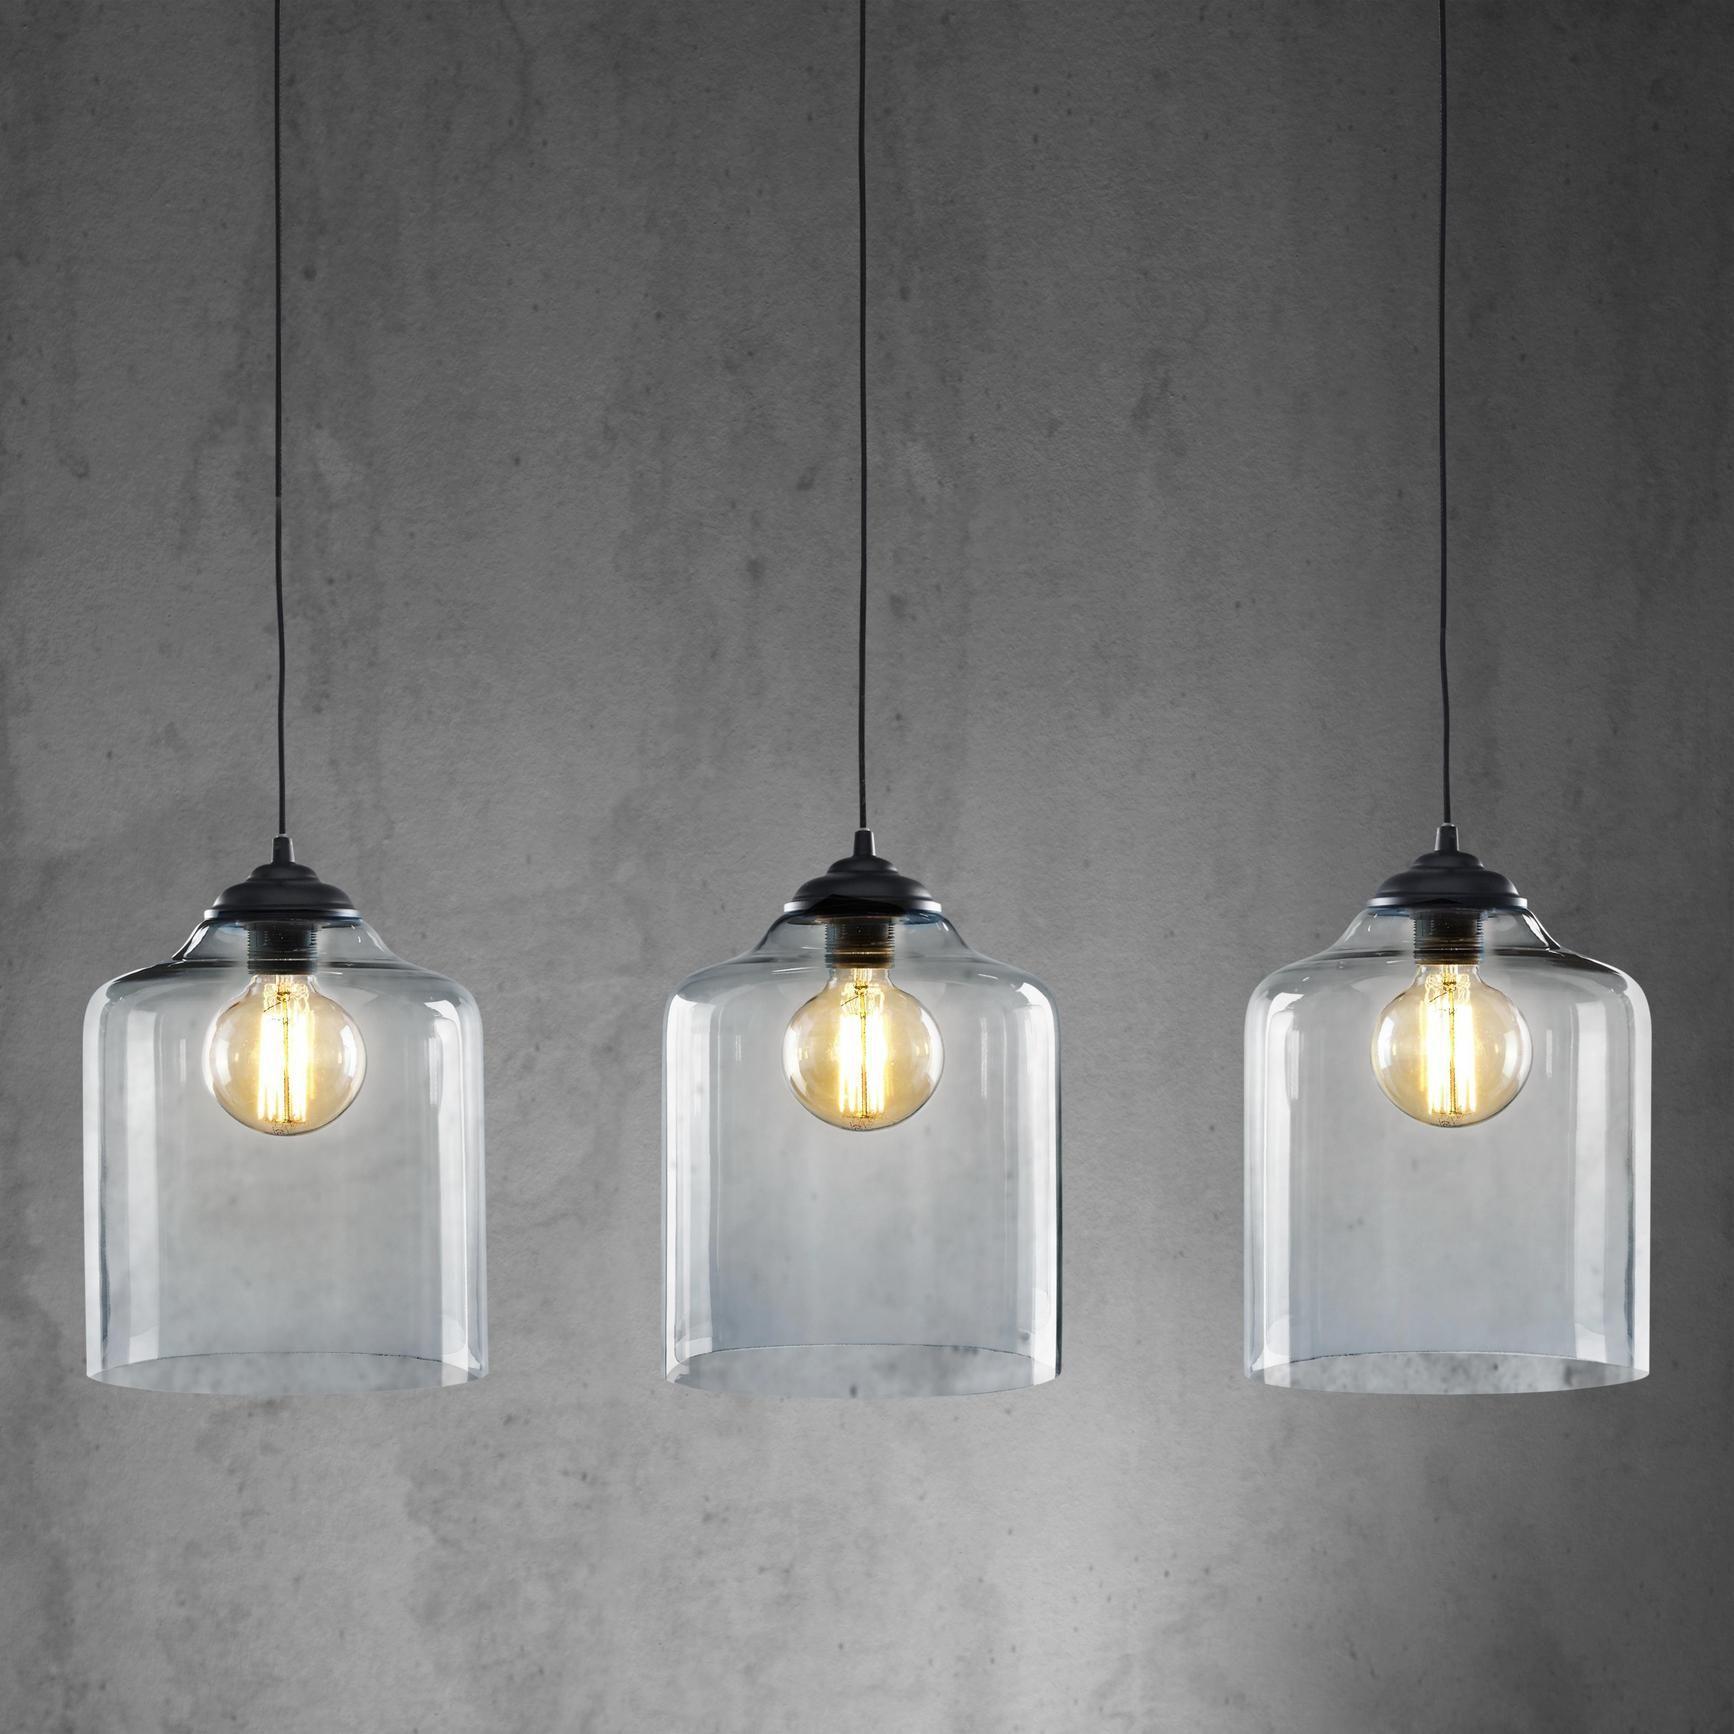 Hangeleuchte Estera Online Kaufen Momax Mit Bildern Hangeleuchte Esstisch Beleuchtung Glaslampen